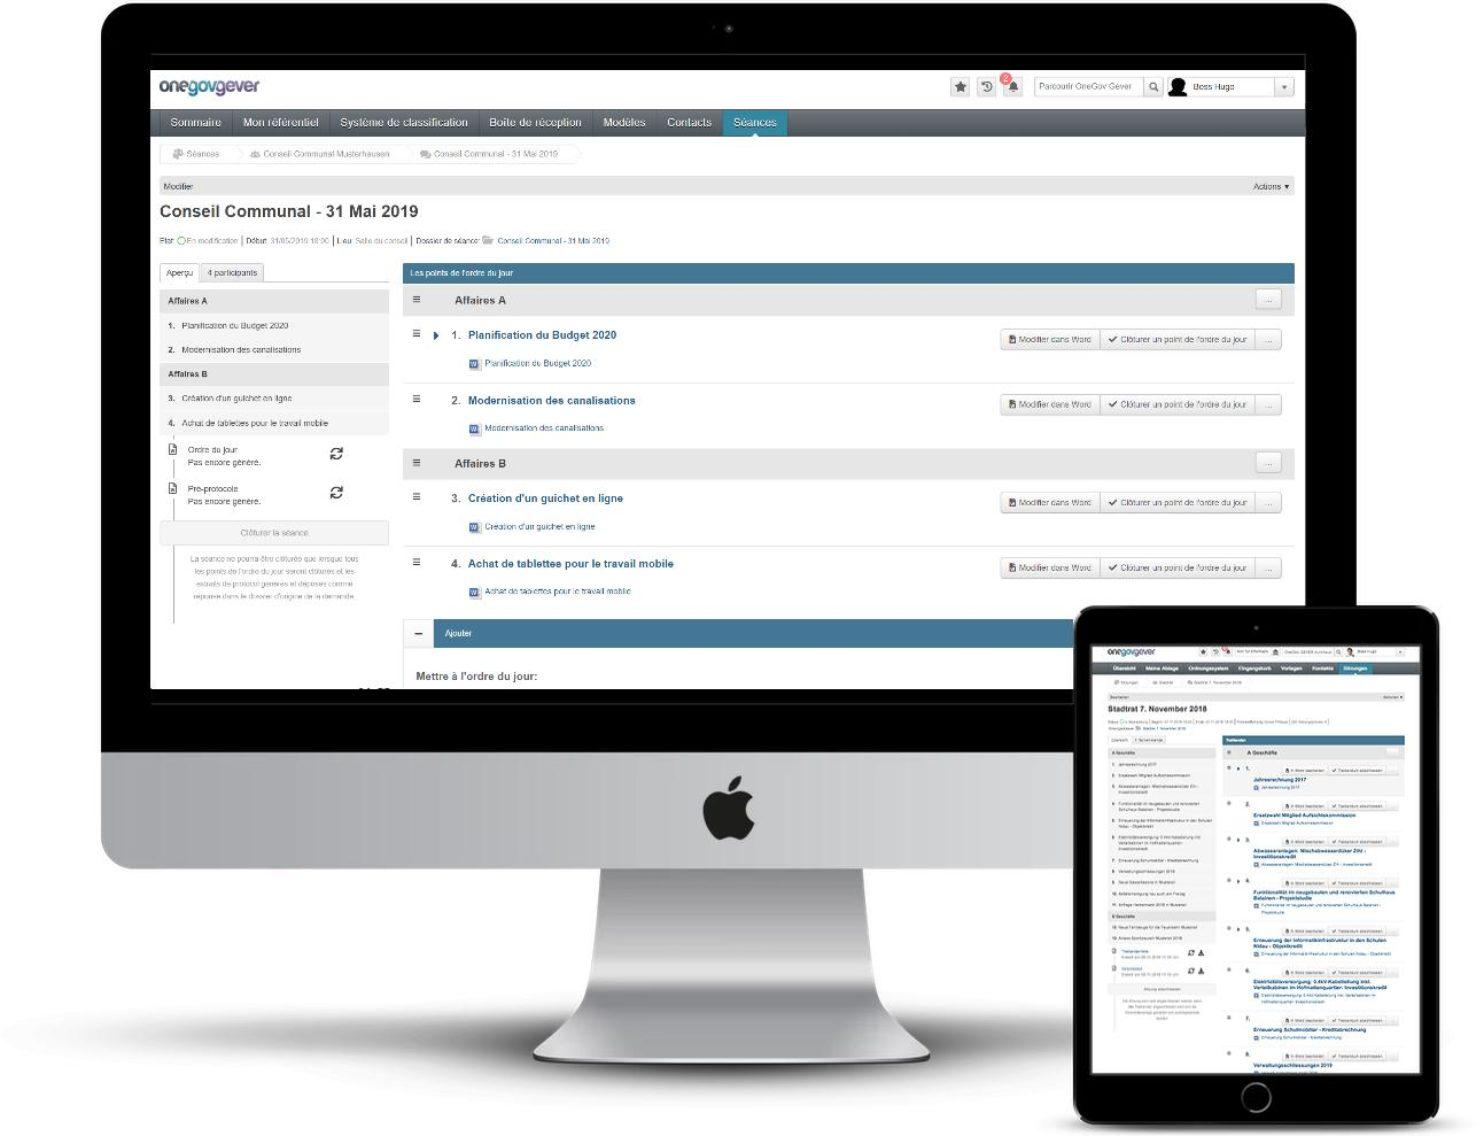 La Gestion de séances et procès-verbaux permet la préparation et la gestion en ligne des documents de séance